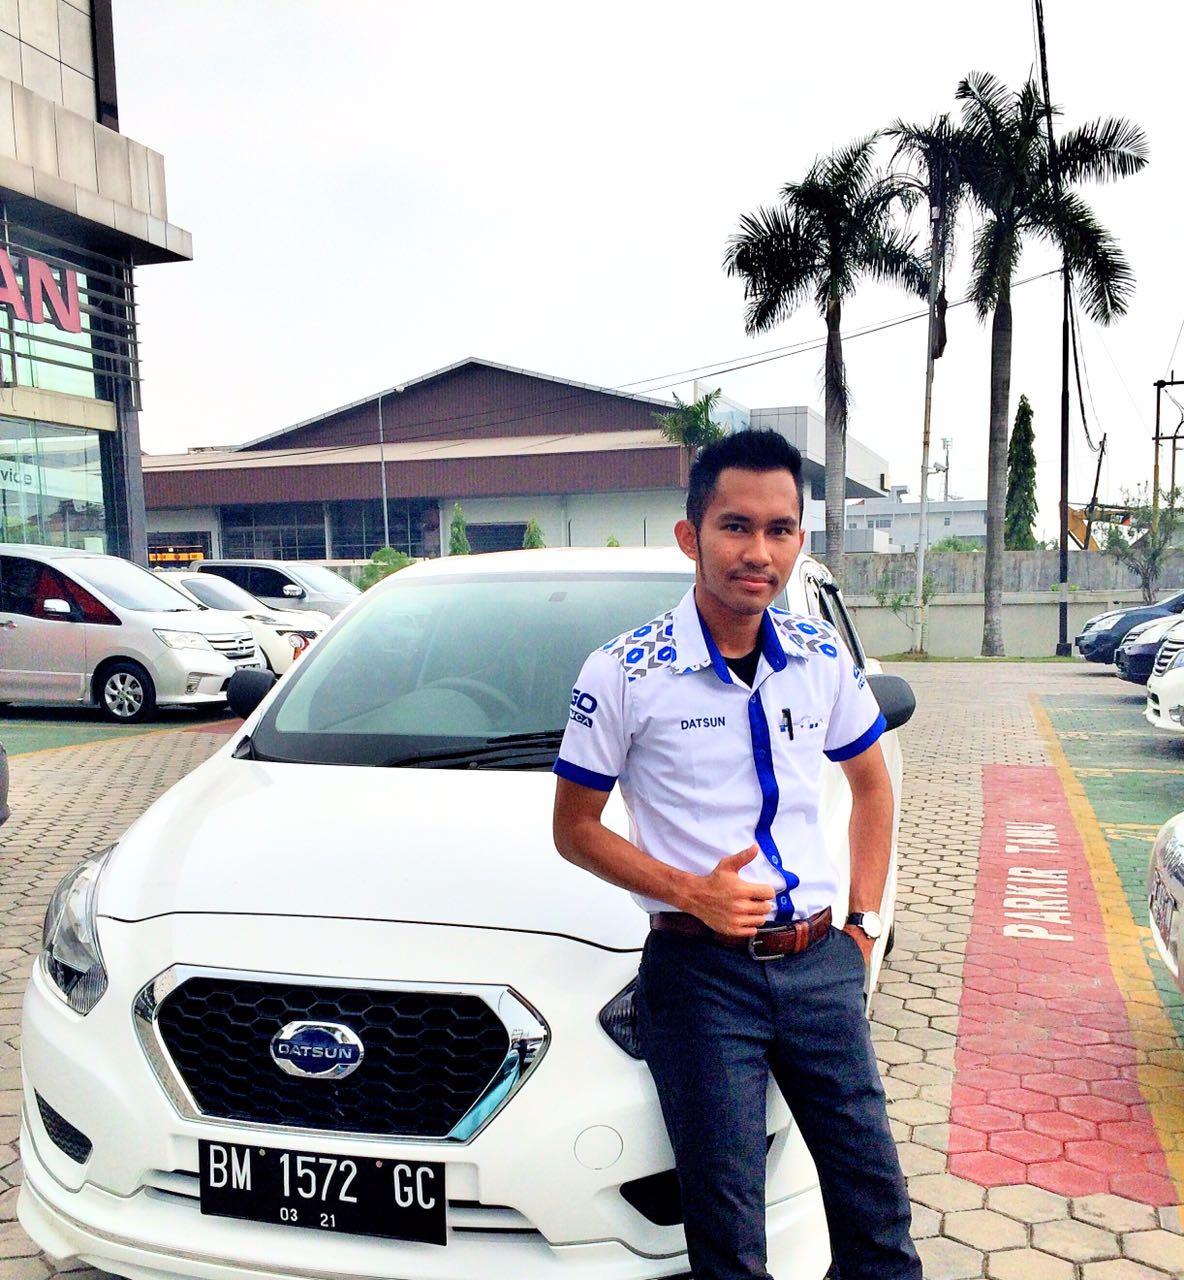 Datsun Pekanbaru